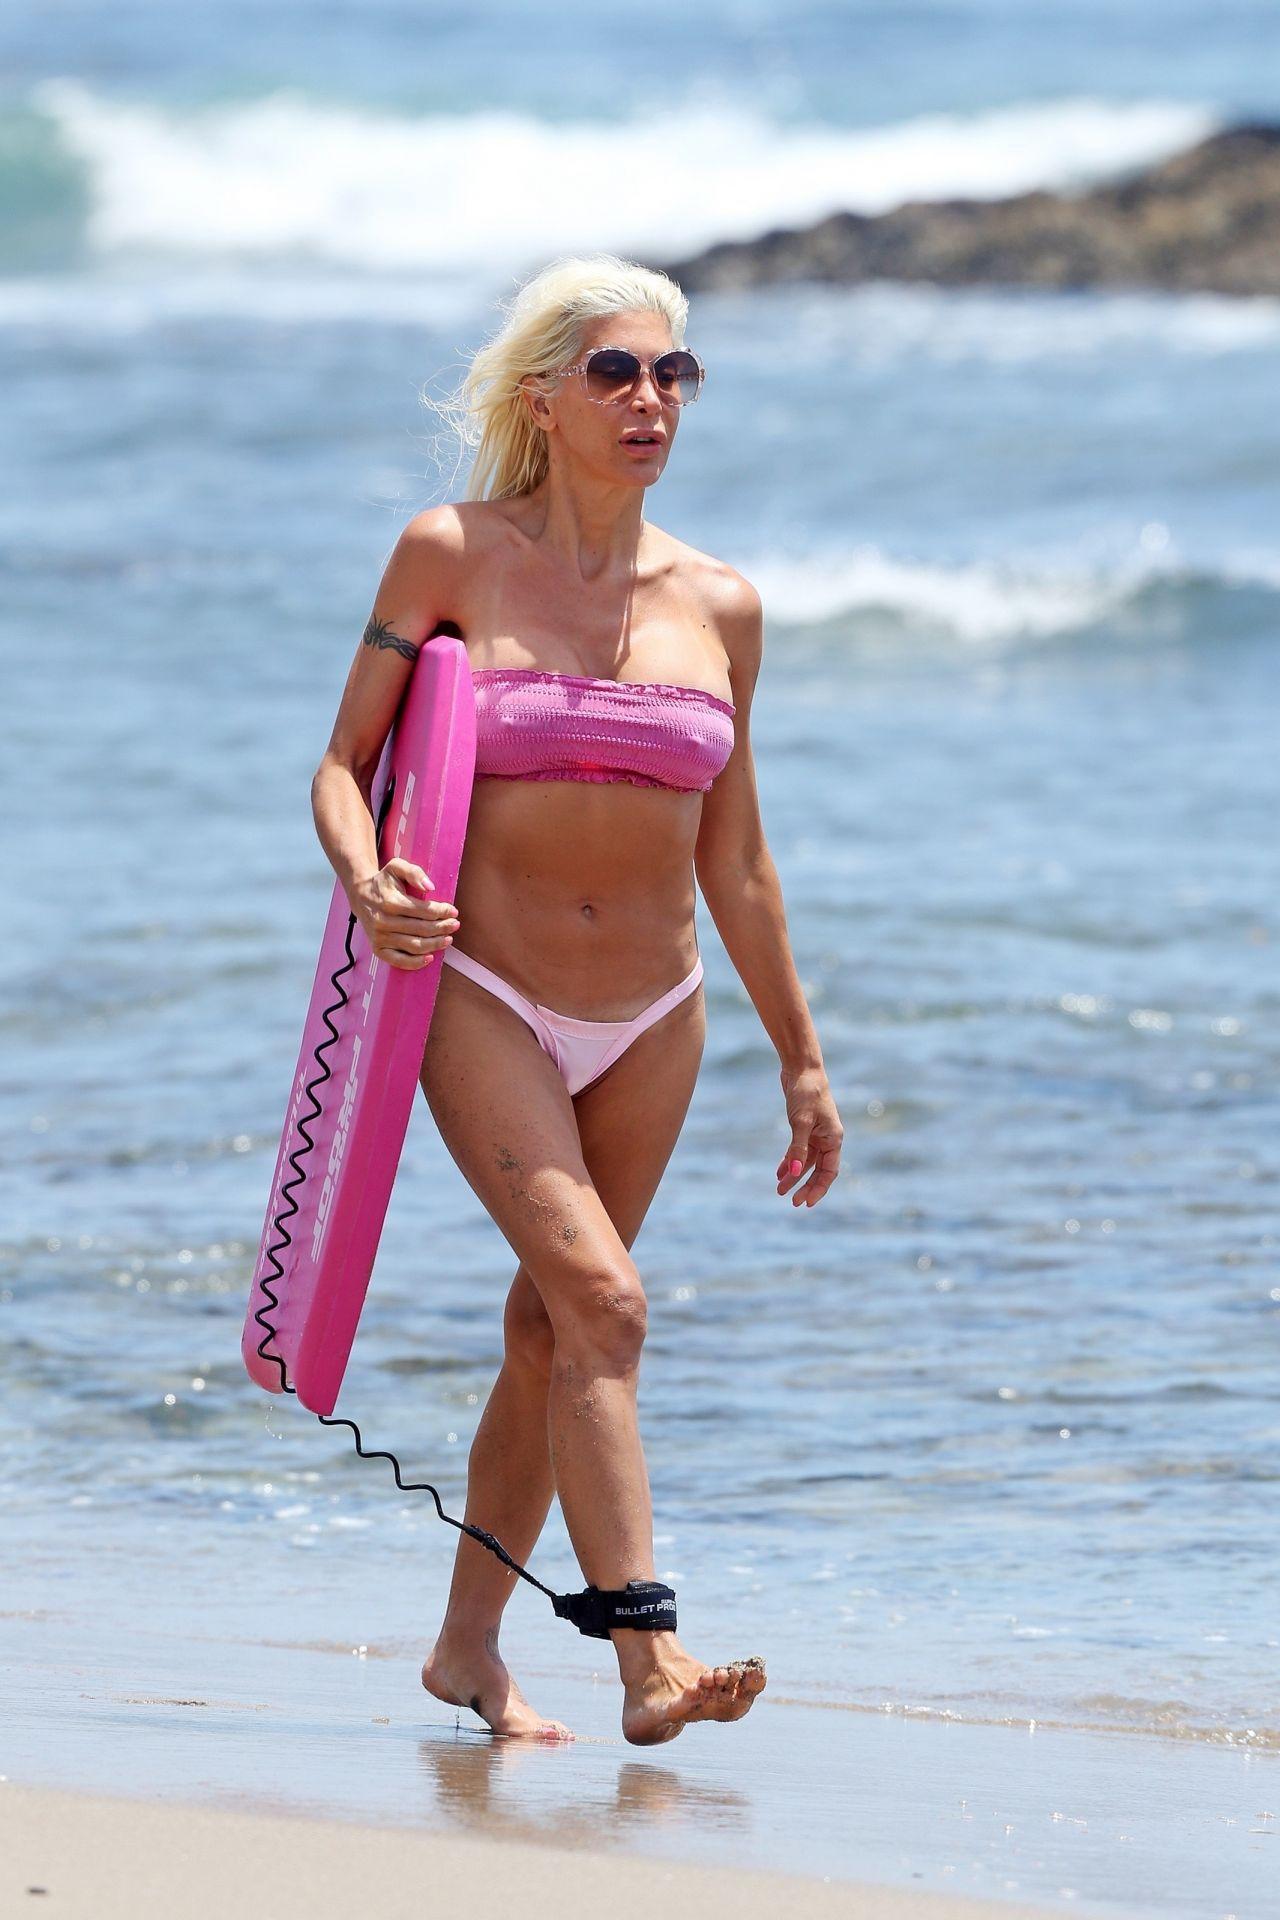 Frenchy Morgan in Pink Bikini in Malibu Pic 28 of 35